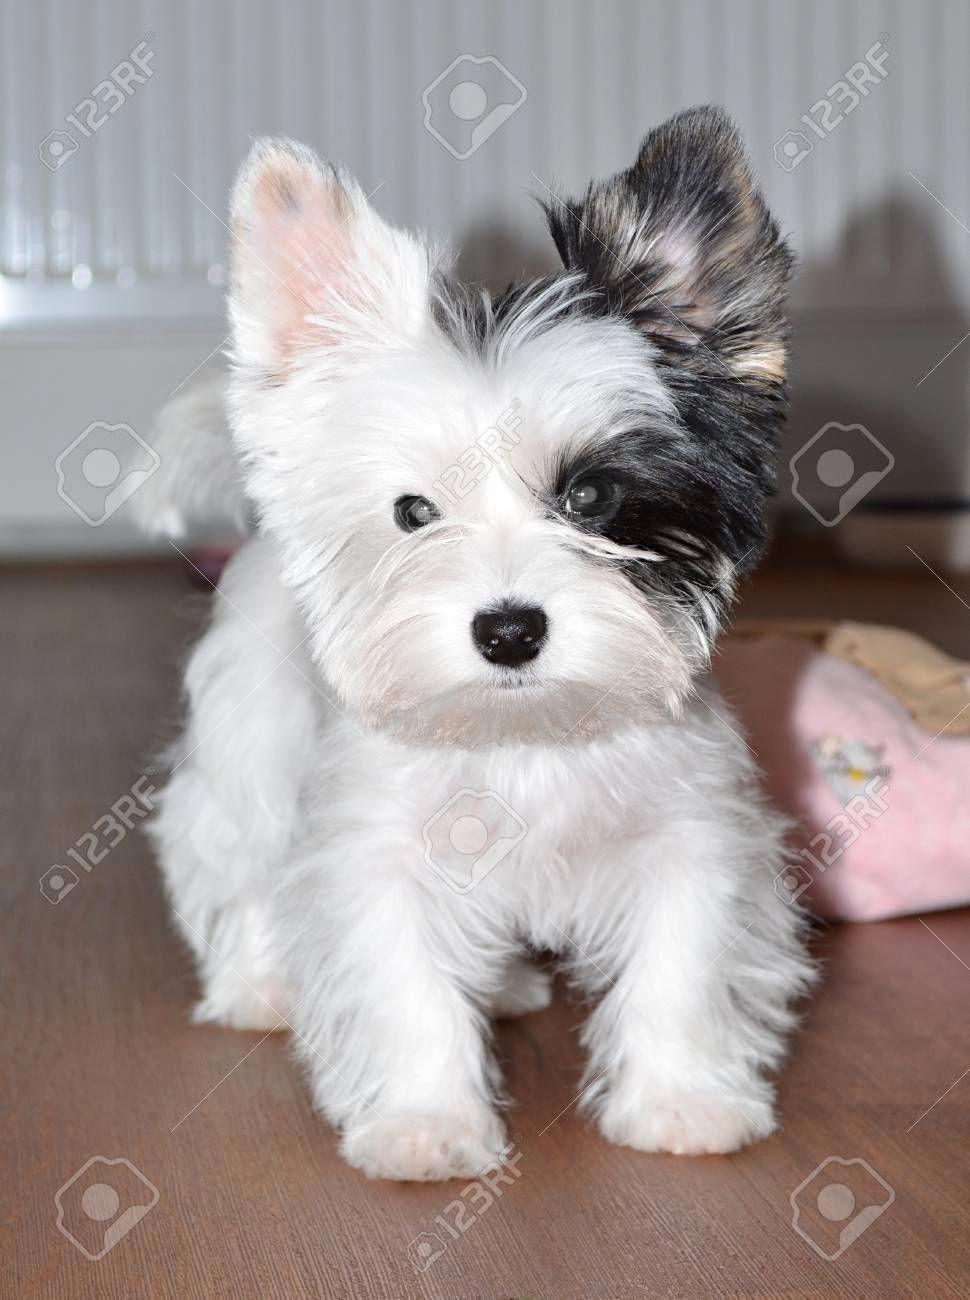 Puppy Yorkshire Terrier Biewer Black Yorkshireterrier Blackyorkie Cute Baby Dogs Yorkshire Terrier Puppies Yorkie Puppy